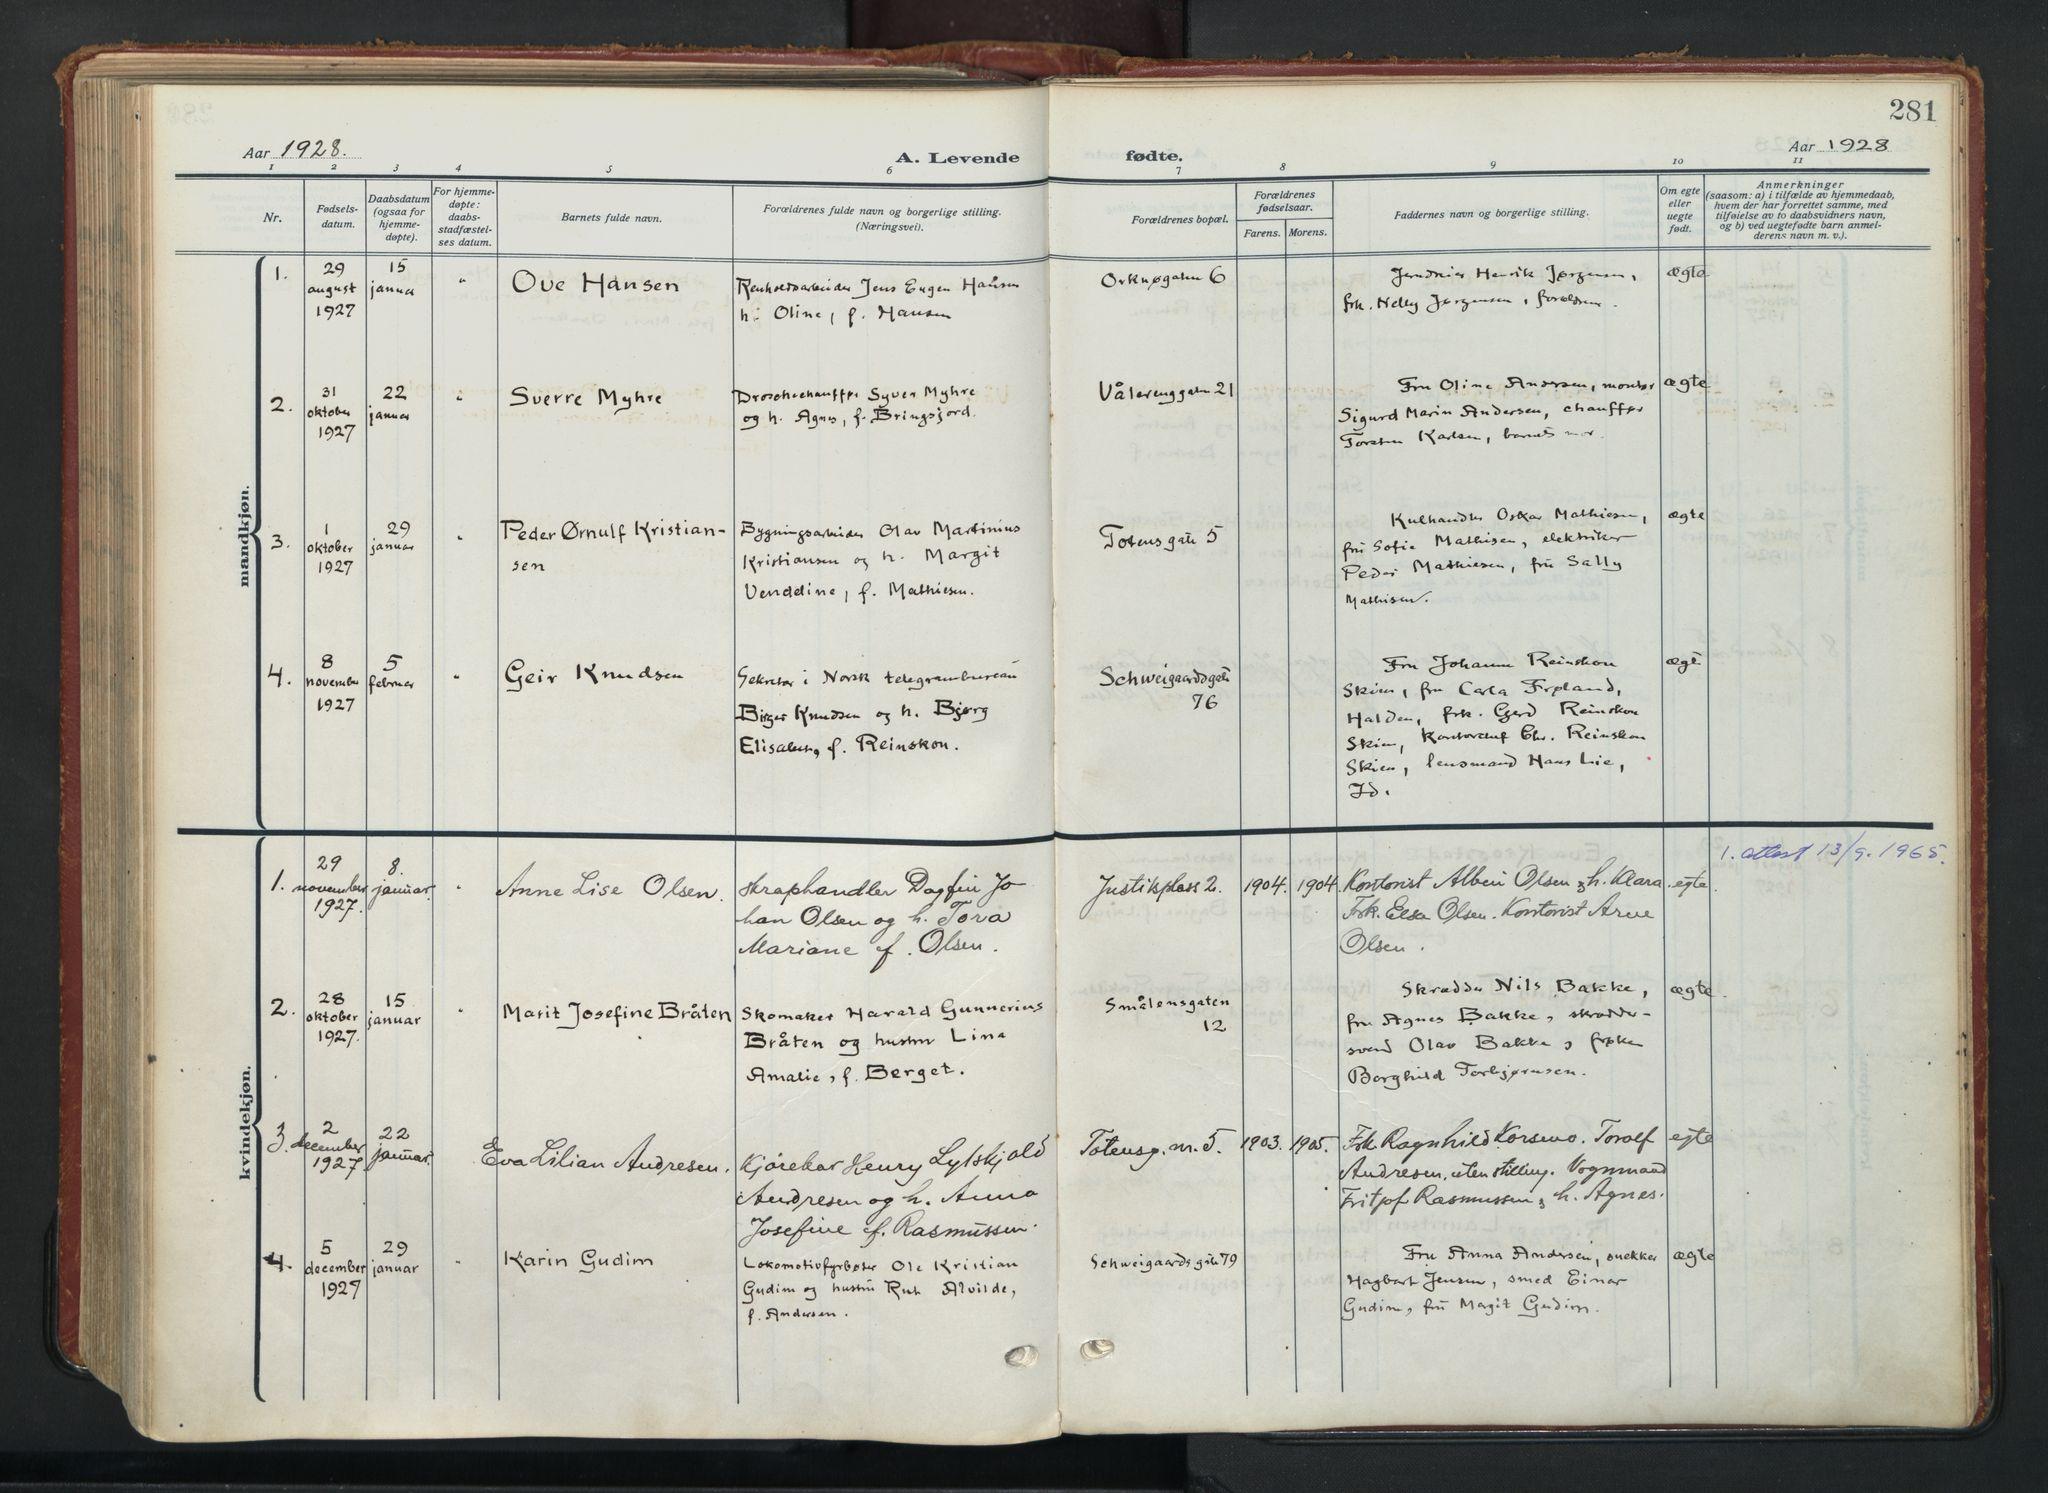 SAO, Vålerengen prestekontor Kirkebøker, F/Fa/L0004: Ministerialbok nr. 4, 1915-1929, s. 281